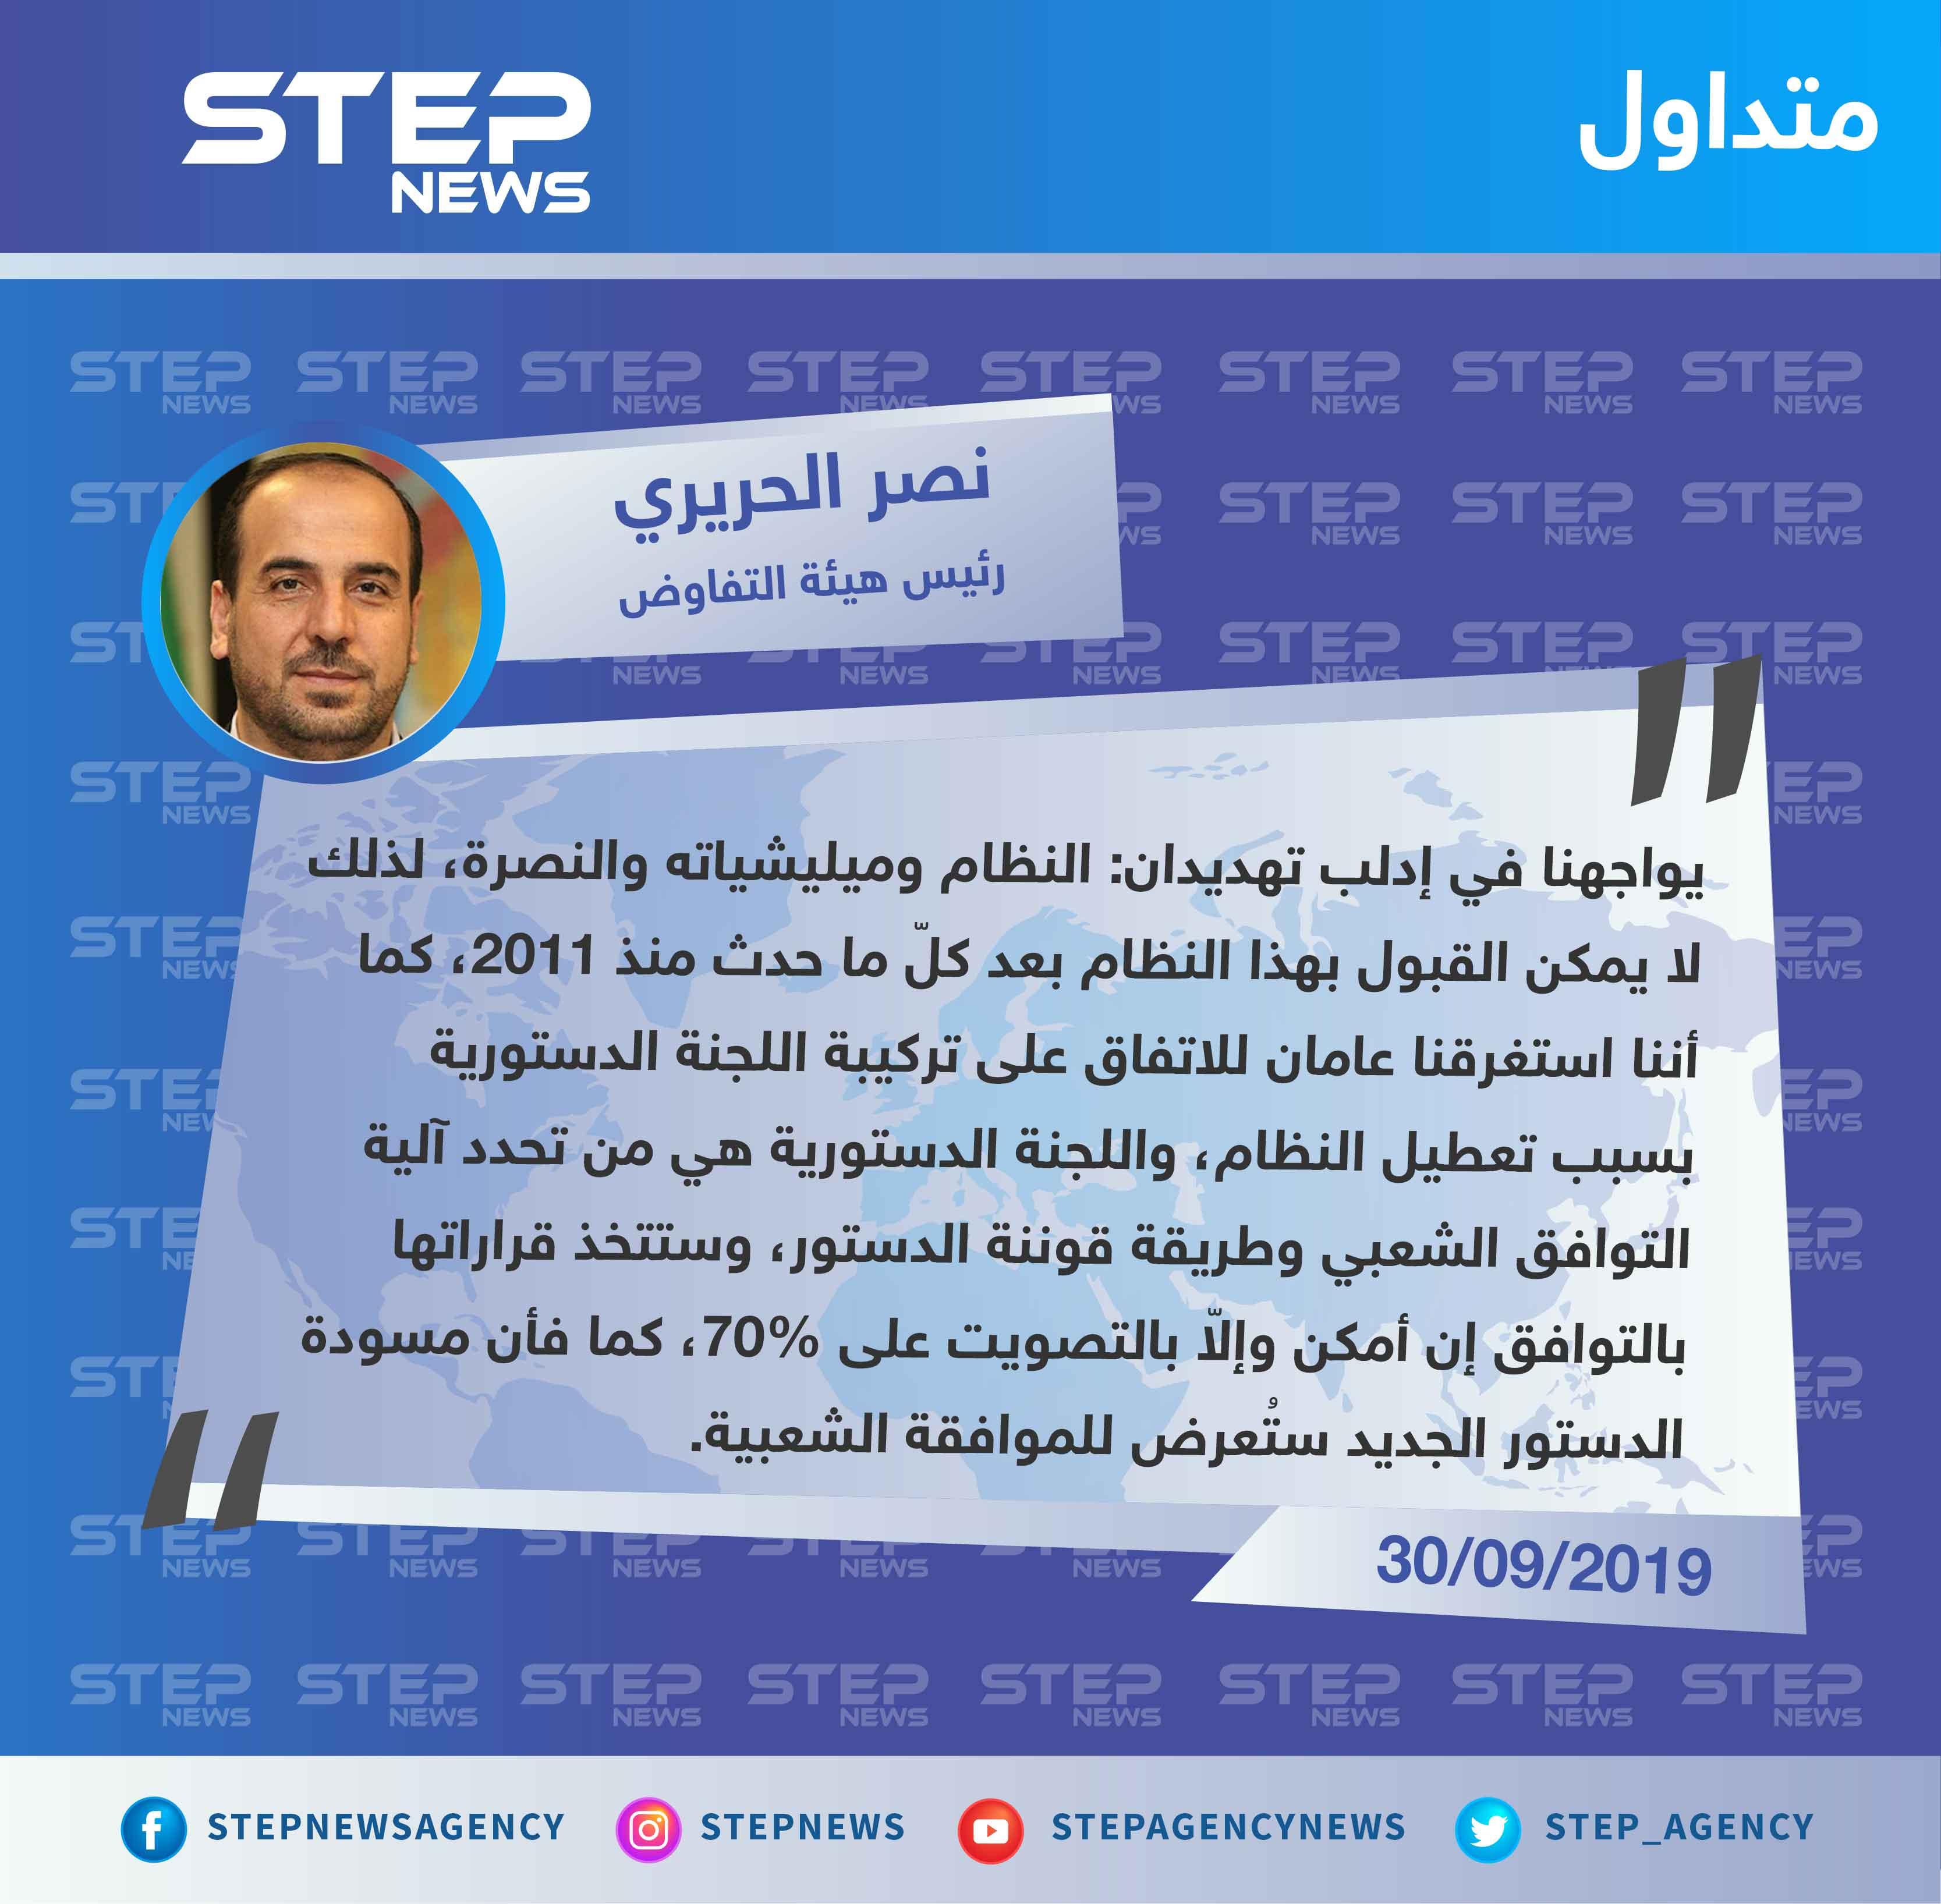 الحريري: يواجهنا في إدلب تهديدان ولا يمكن القبول بالنظام السوري